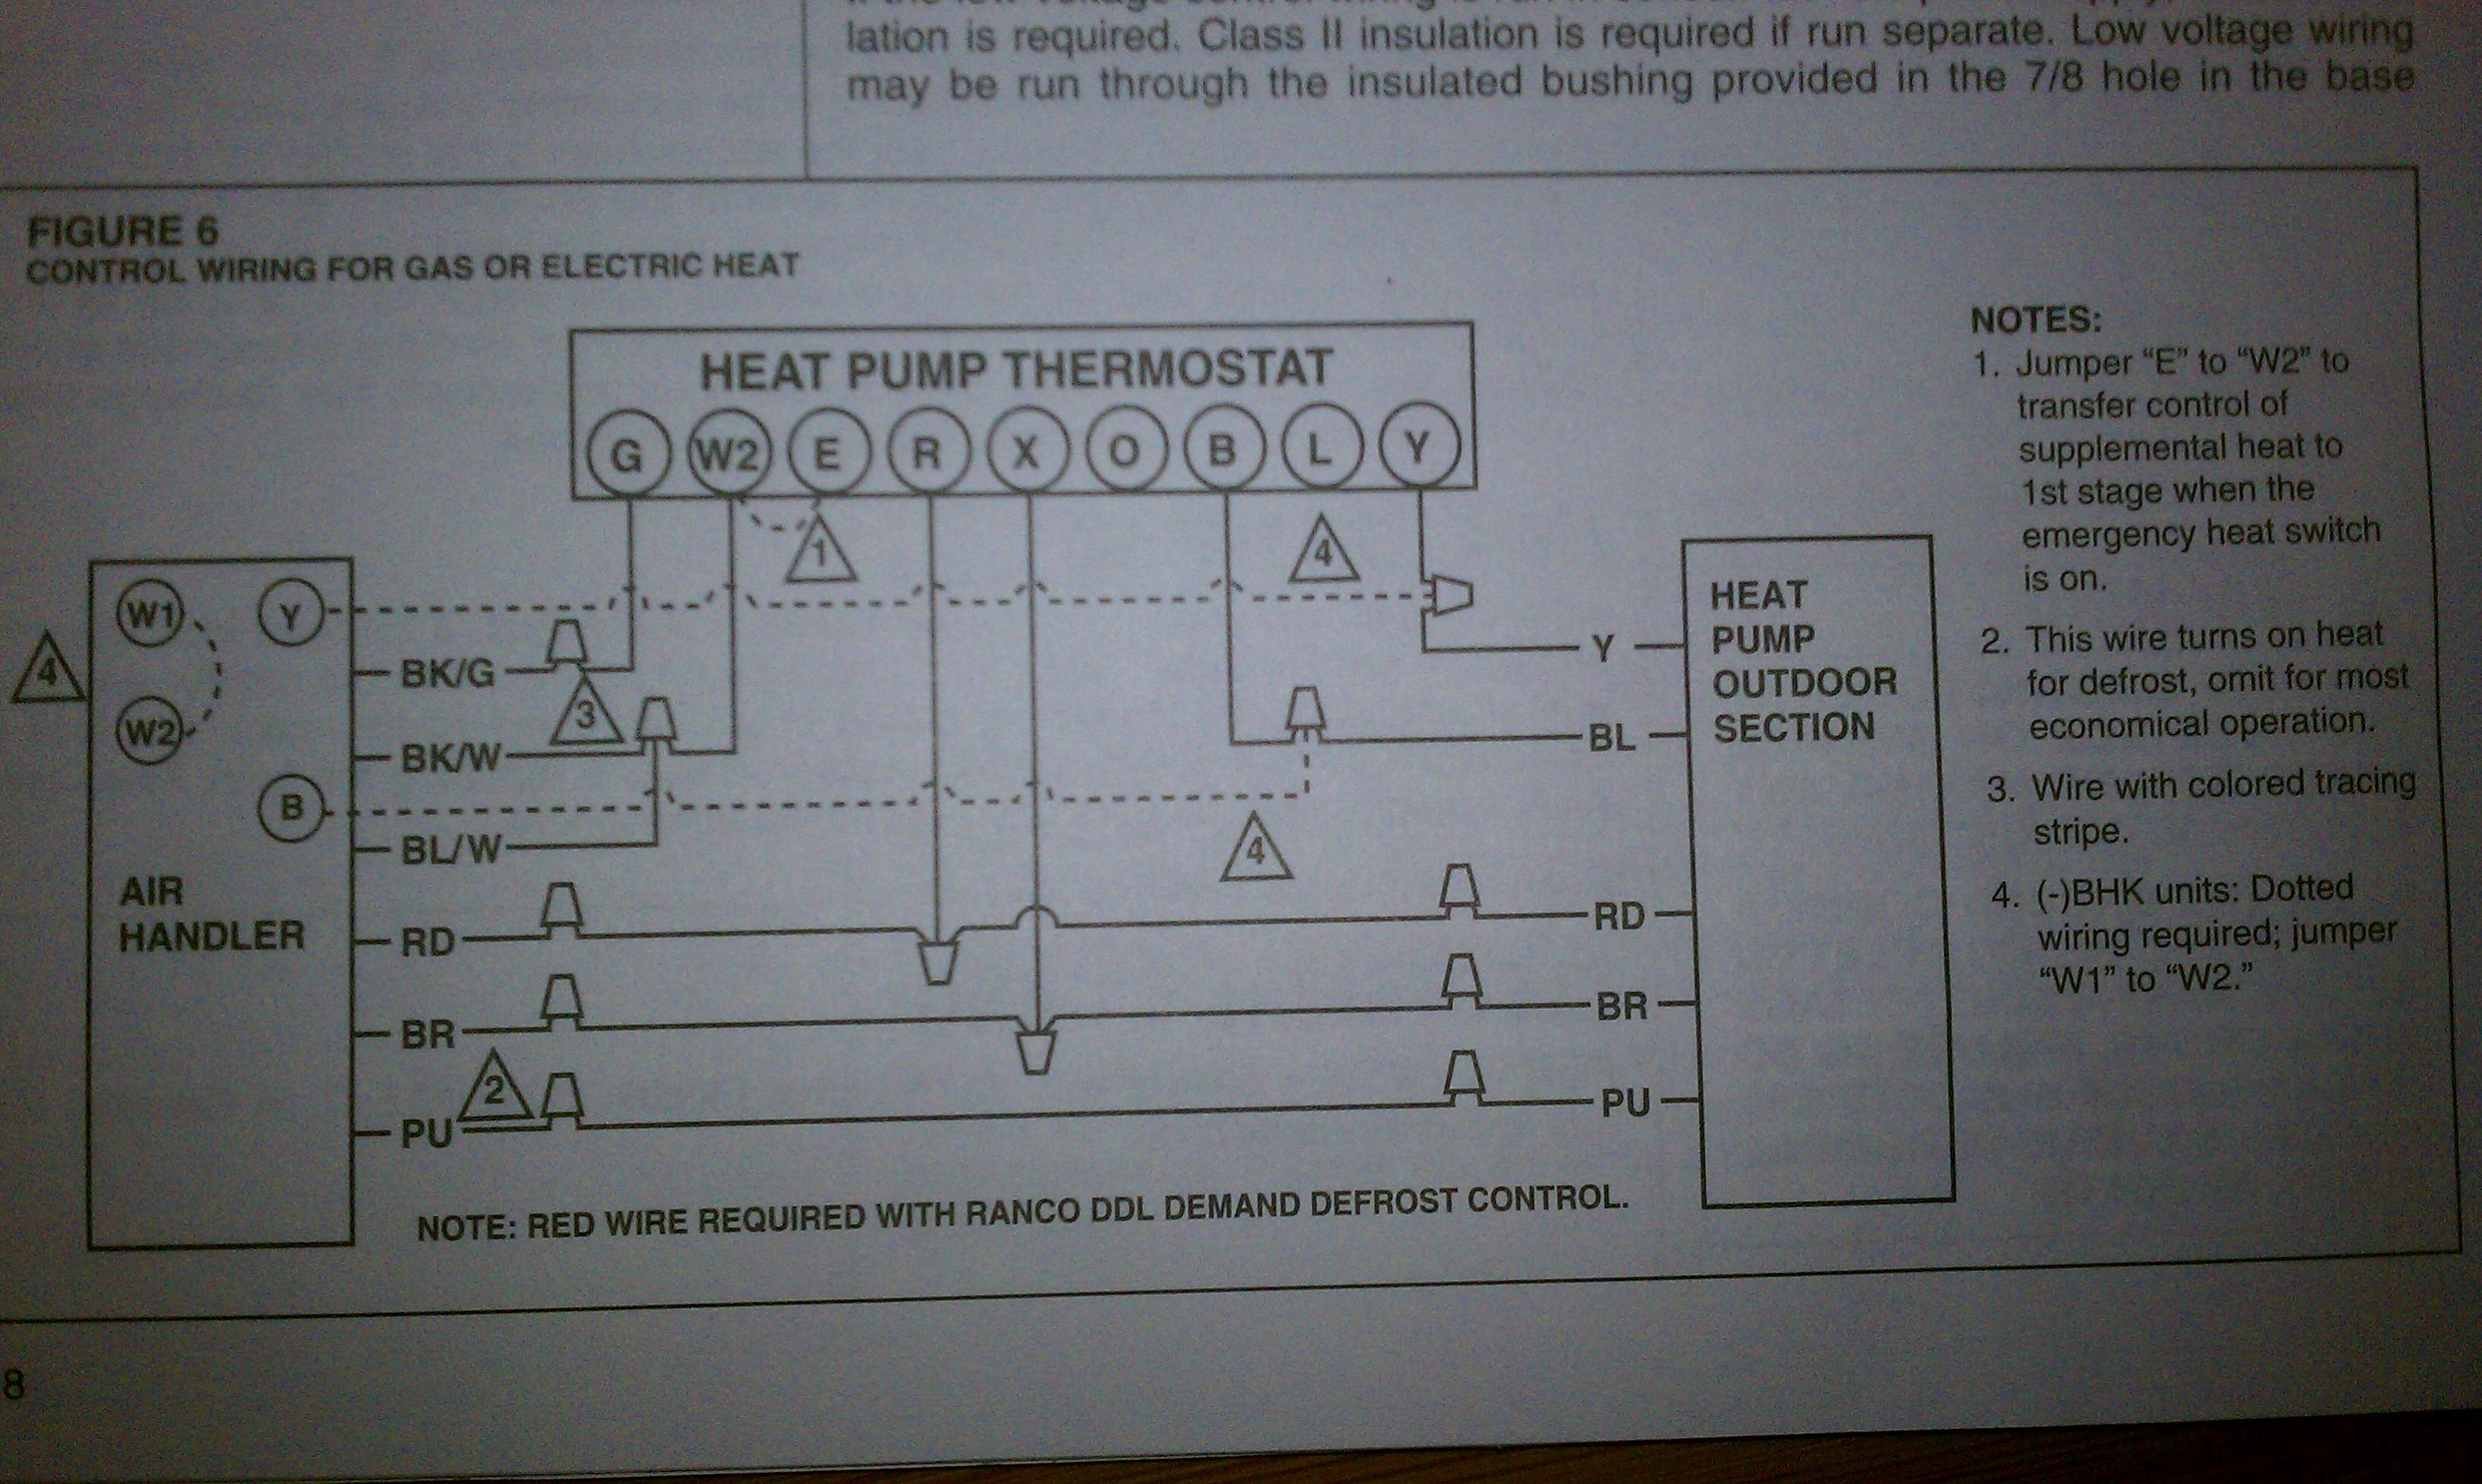 heat pump air handler diagram 98 chevy tahoe wiring goodman  the